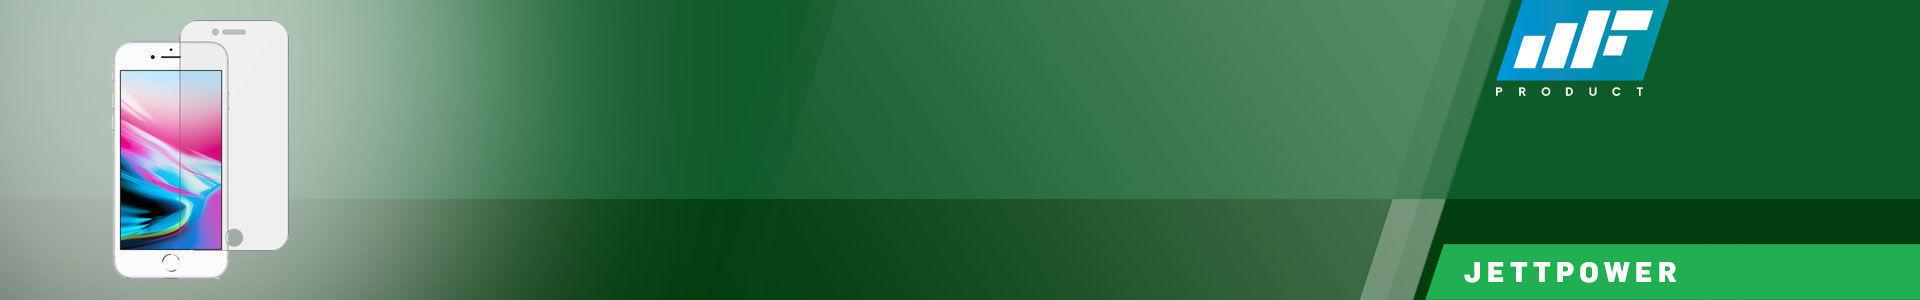 MF Product Jettpower 0383 Privacy Ekran Koruyucu Cam iPhone i7/i8/SE 2 tam da buradan alınır!